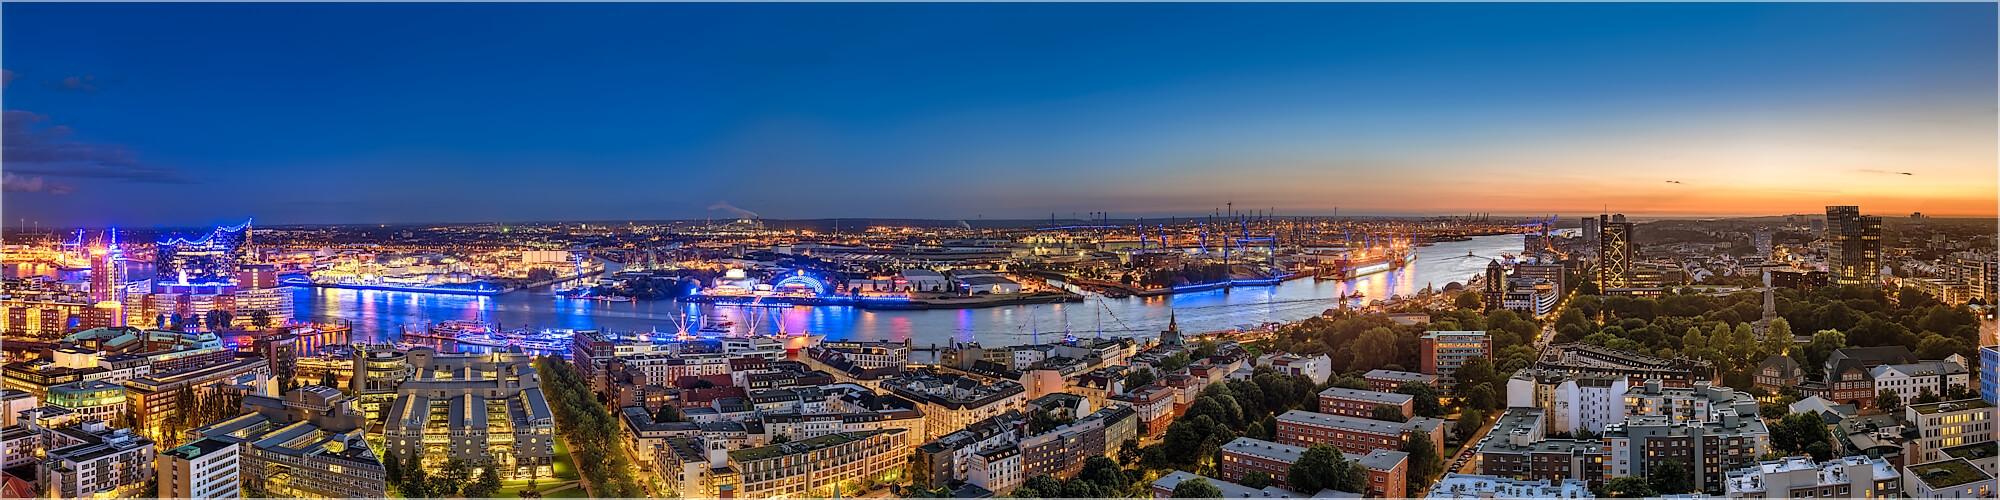 Panoramabild Hamburg große Stadtansicht mit Hafen